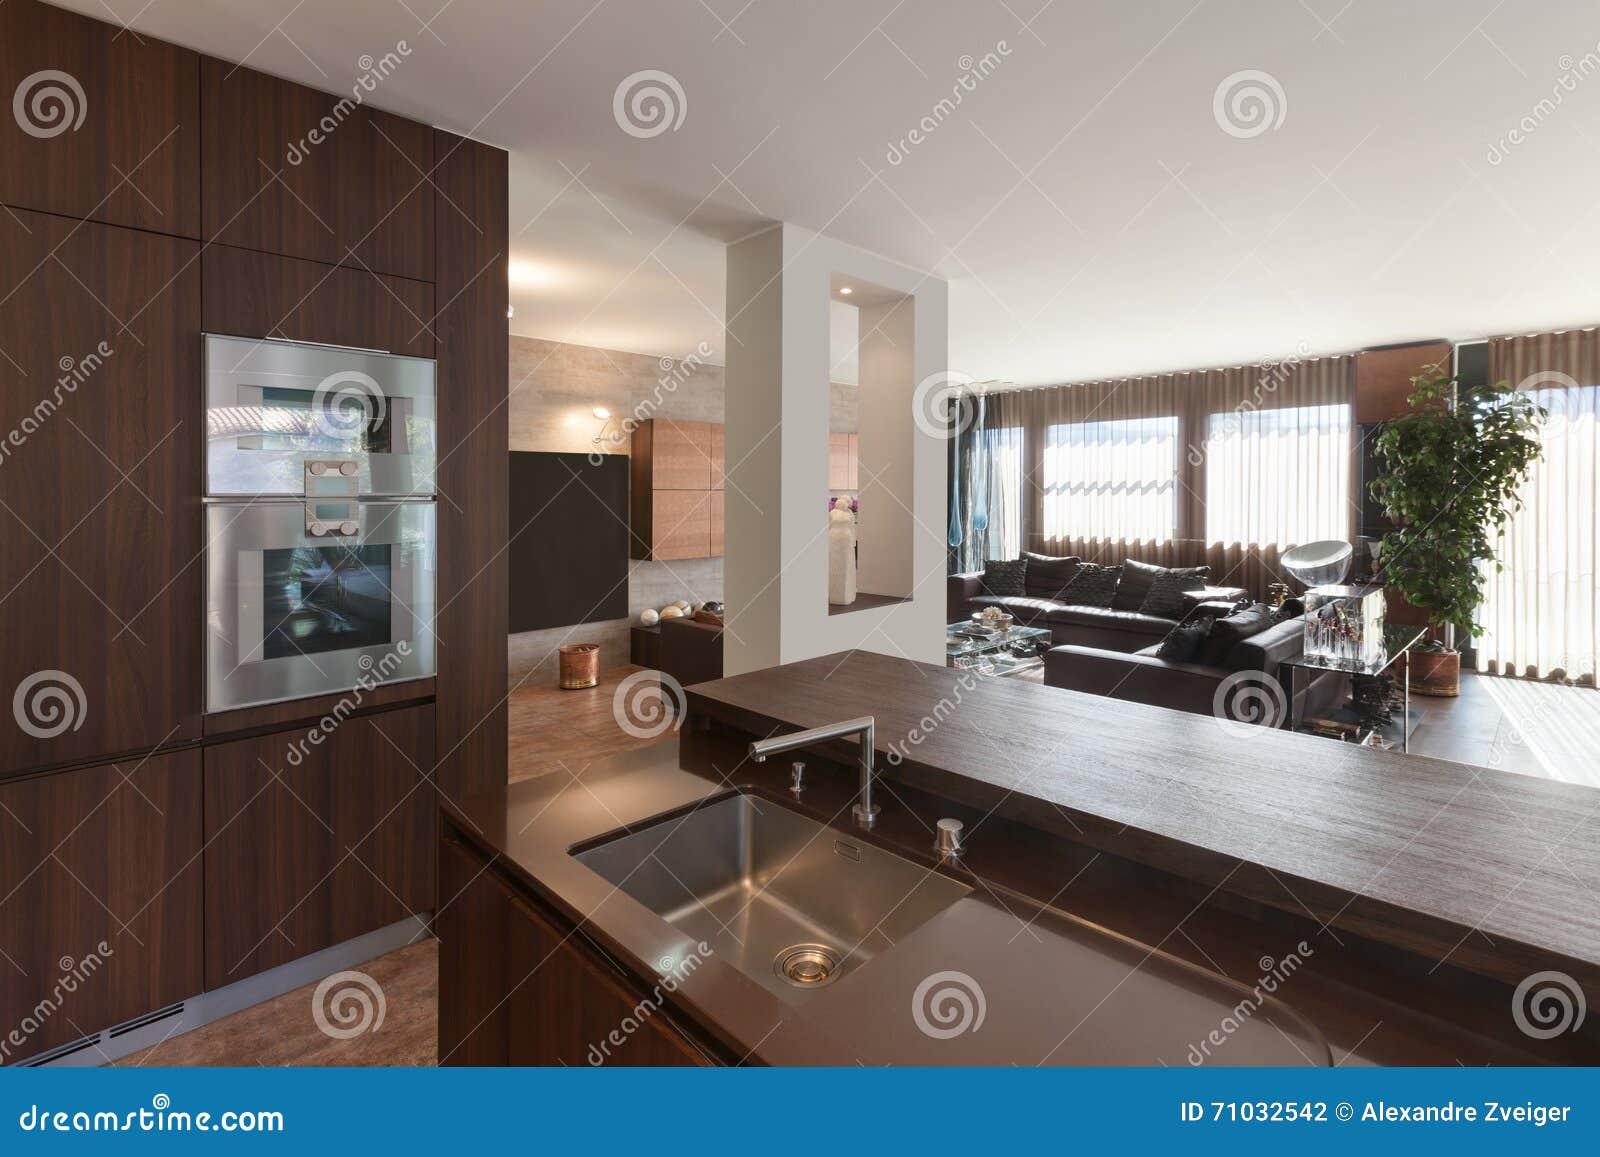 Binnenland, Houten Keuken Modern Ontwerp Stock Foto - Afbeelding ...